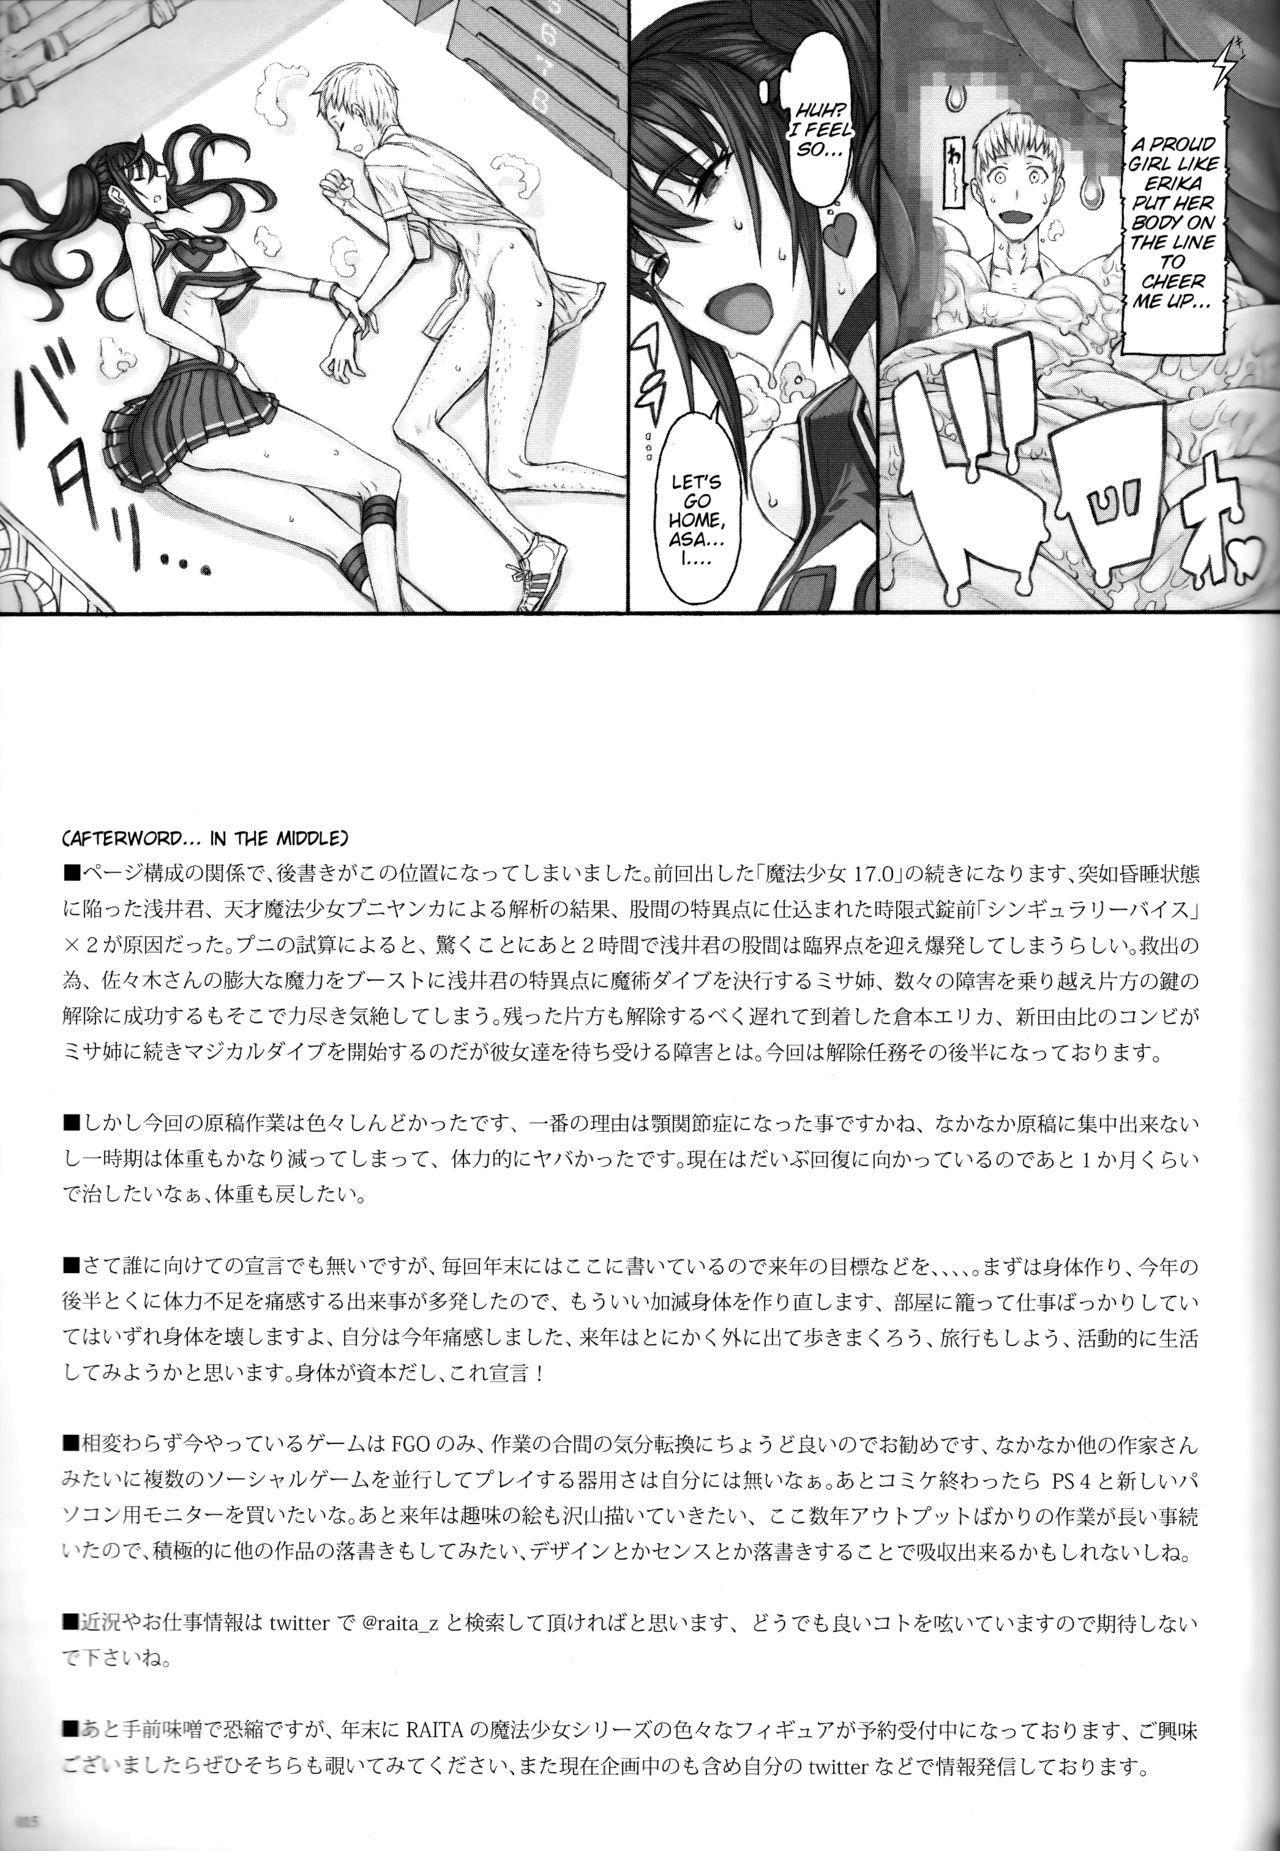 Mahou Shoujo 18.0 13